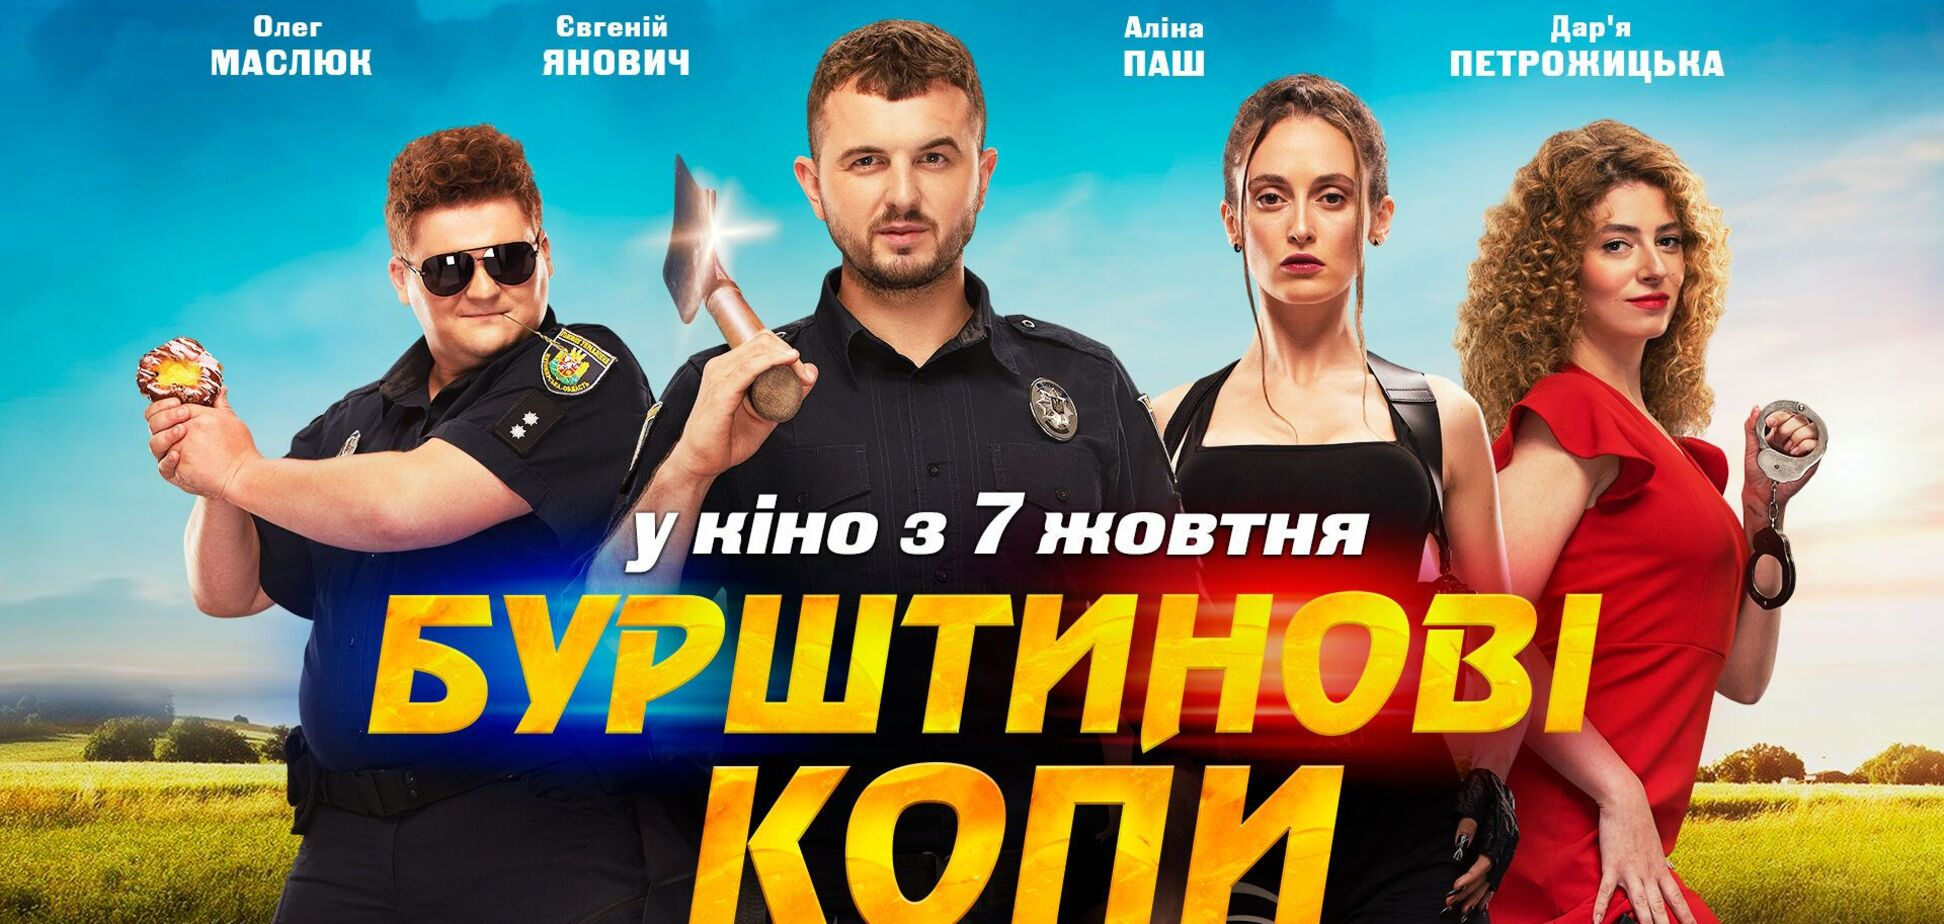 7 октября в Украине ожидается премьера фильма 'Бурштинові копи'